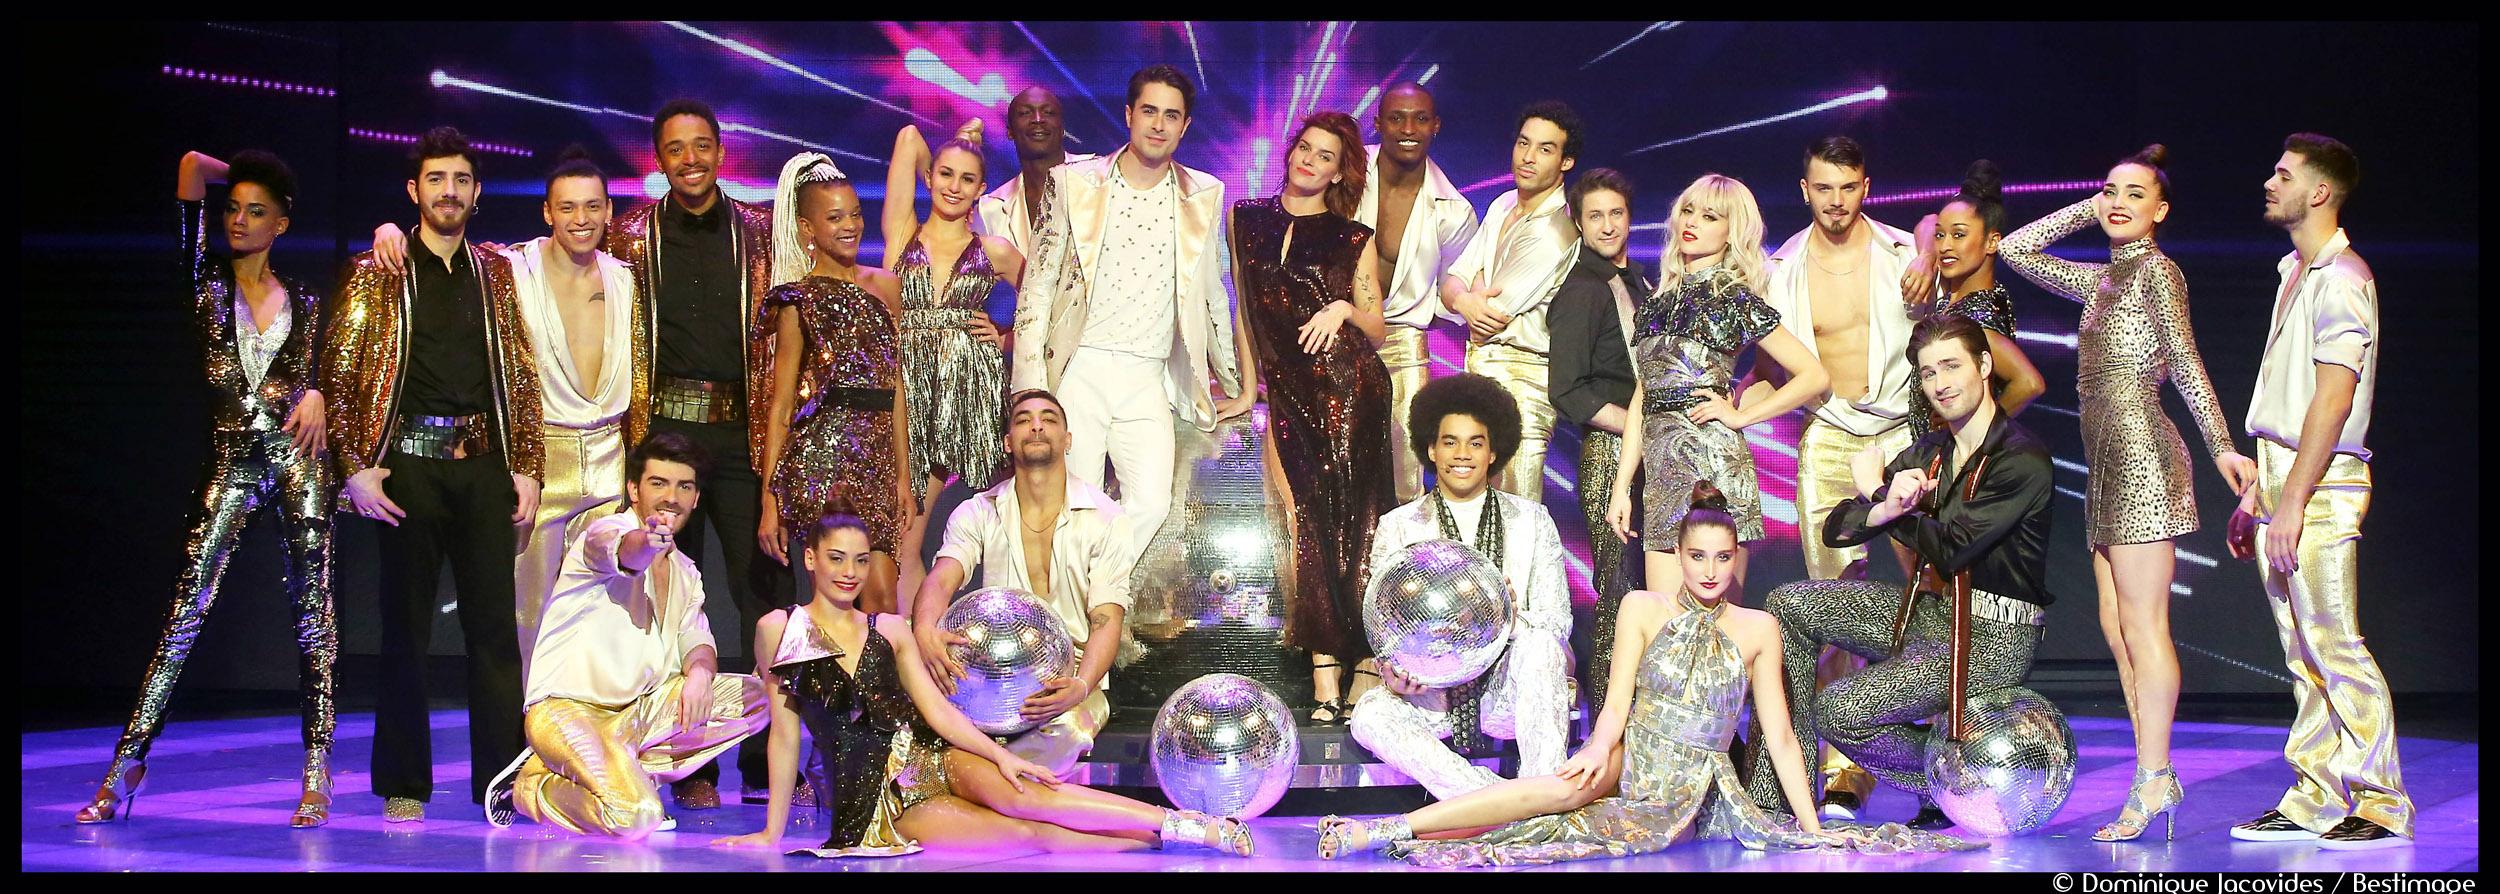 Couv_Saturday-night-fever_-Palais-des-sports©Dominique-Jacovides-Bestimage-4_@loeildoliv